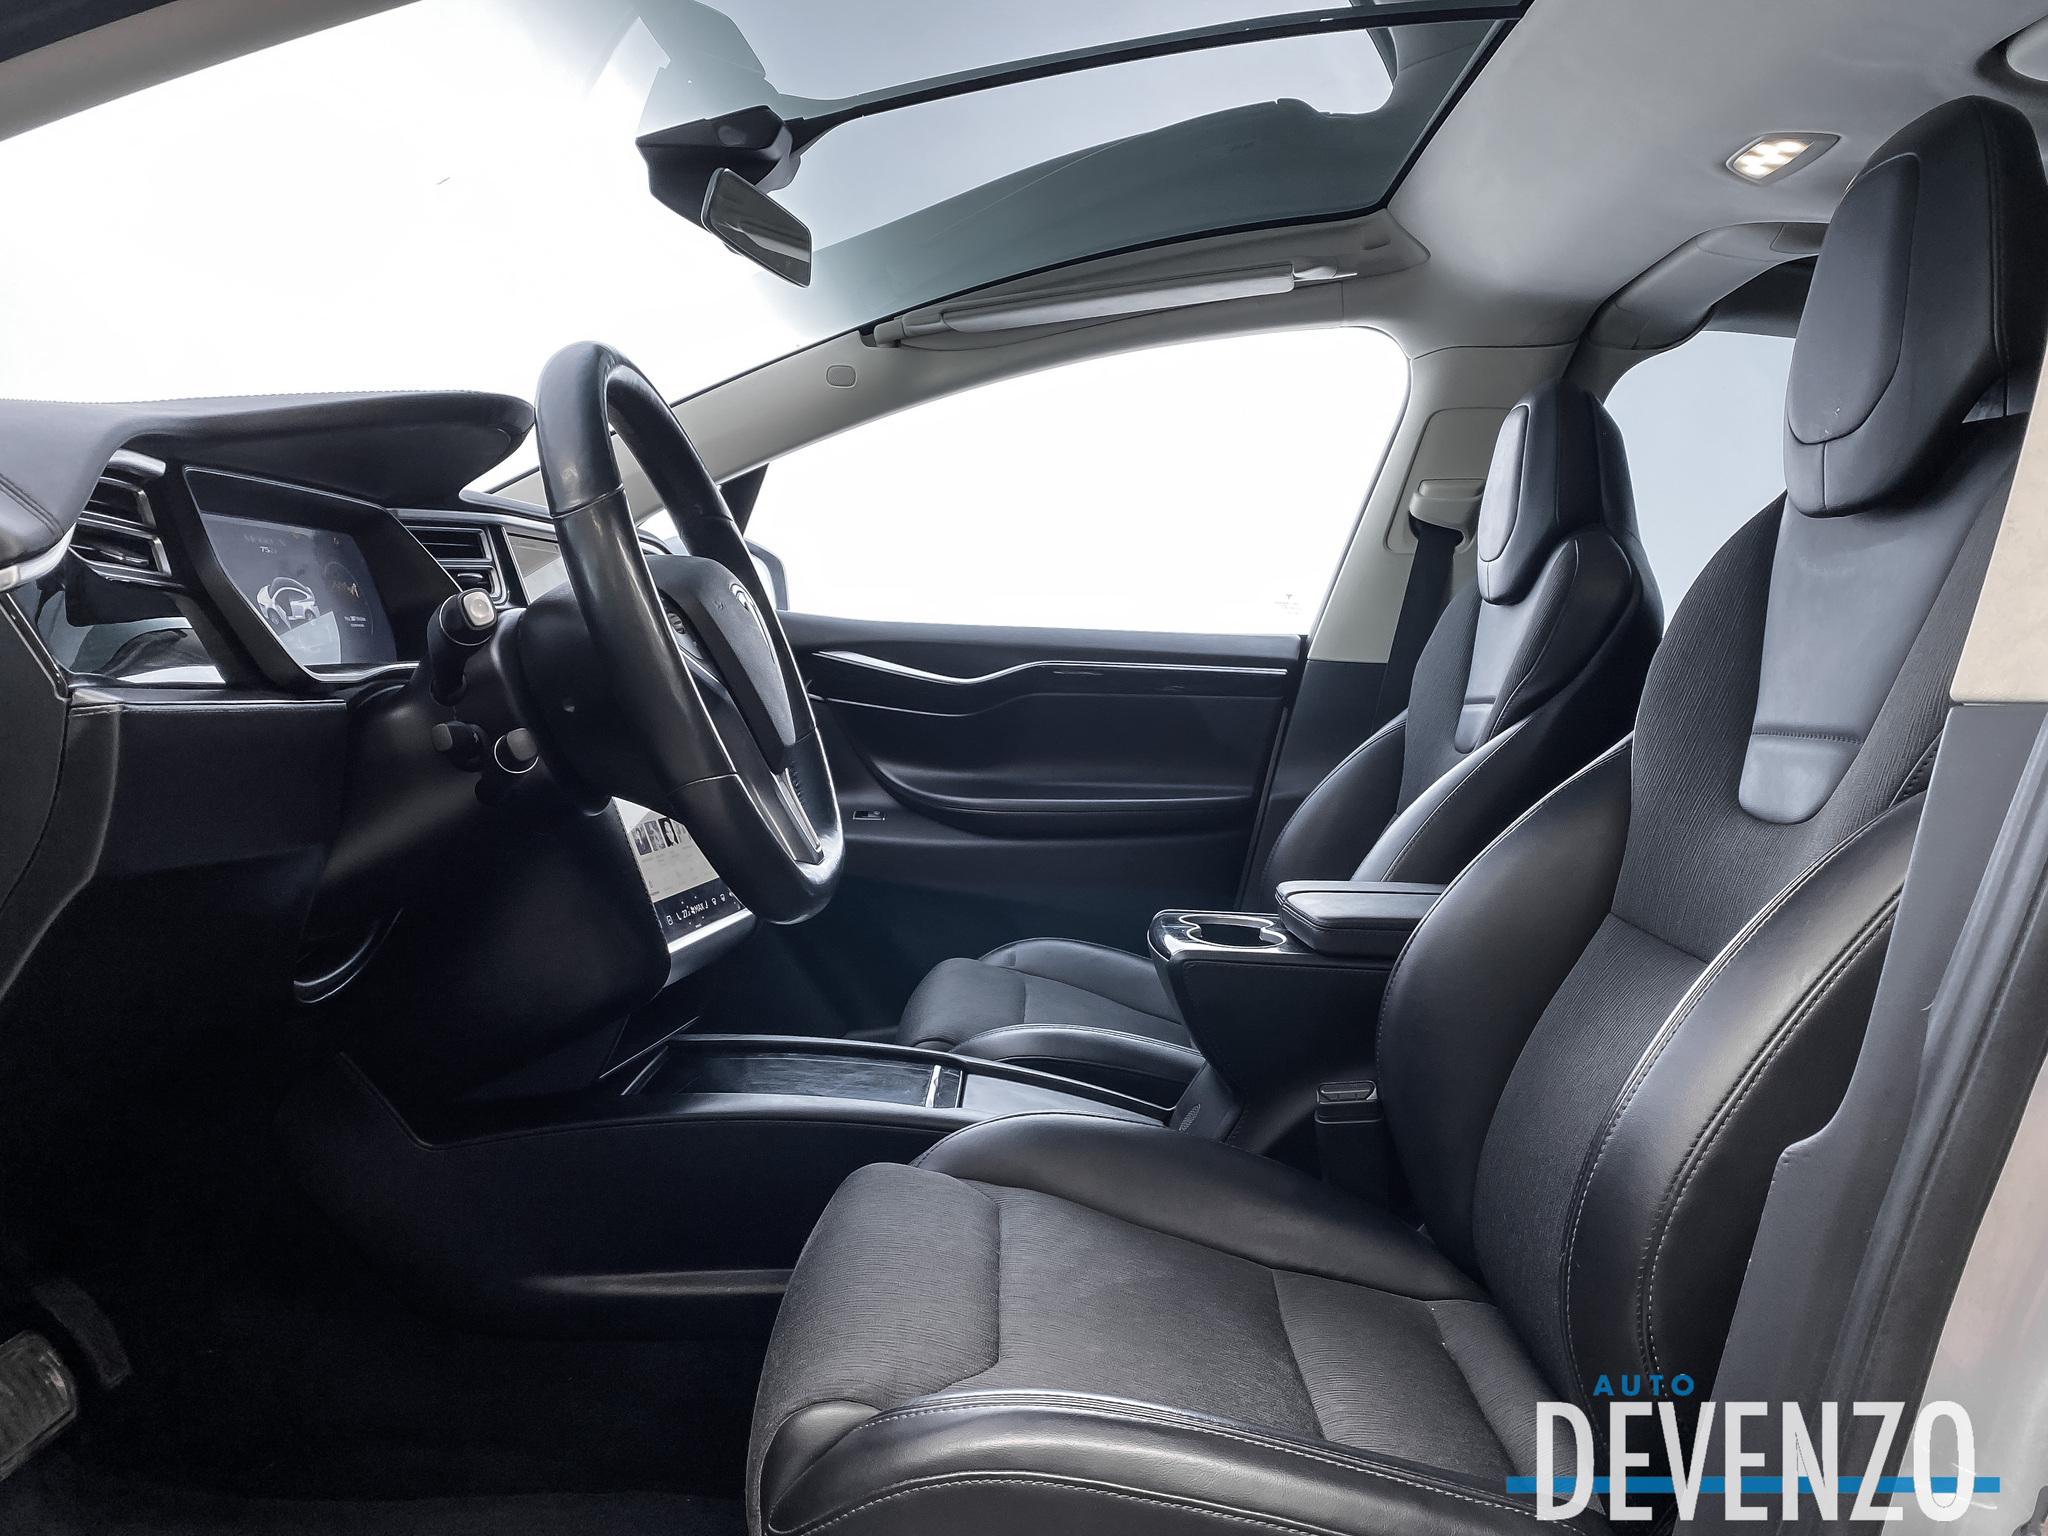 2016 Tesla Model X 75D AWD 7 PASSENGER / AUTOPILOT / SUBZERO PACKAGE complet